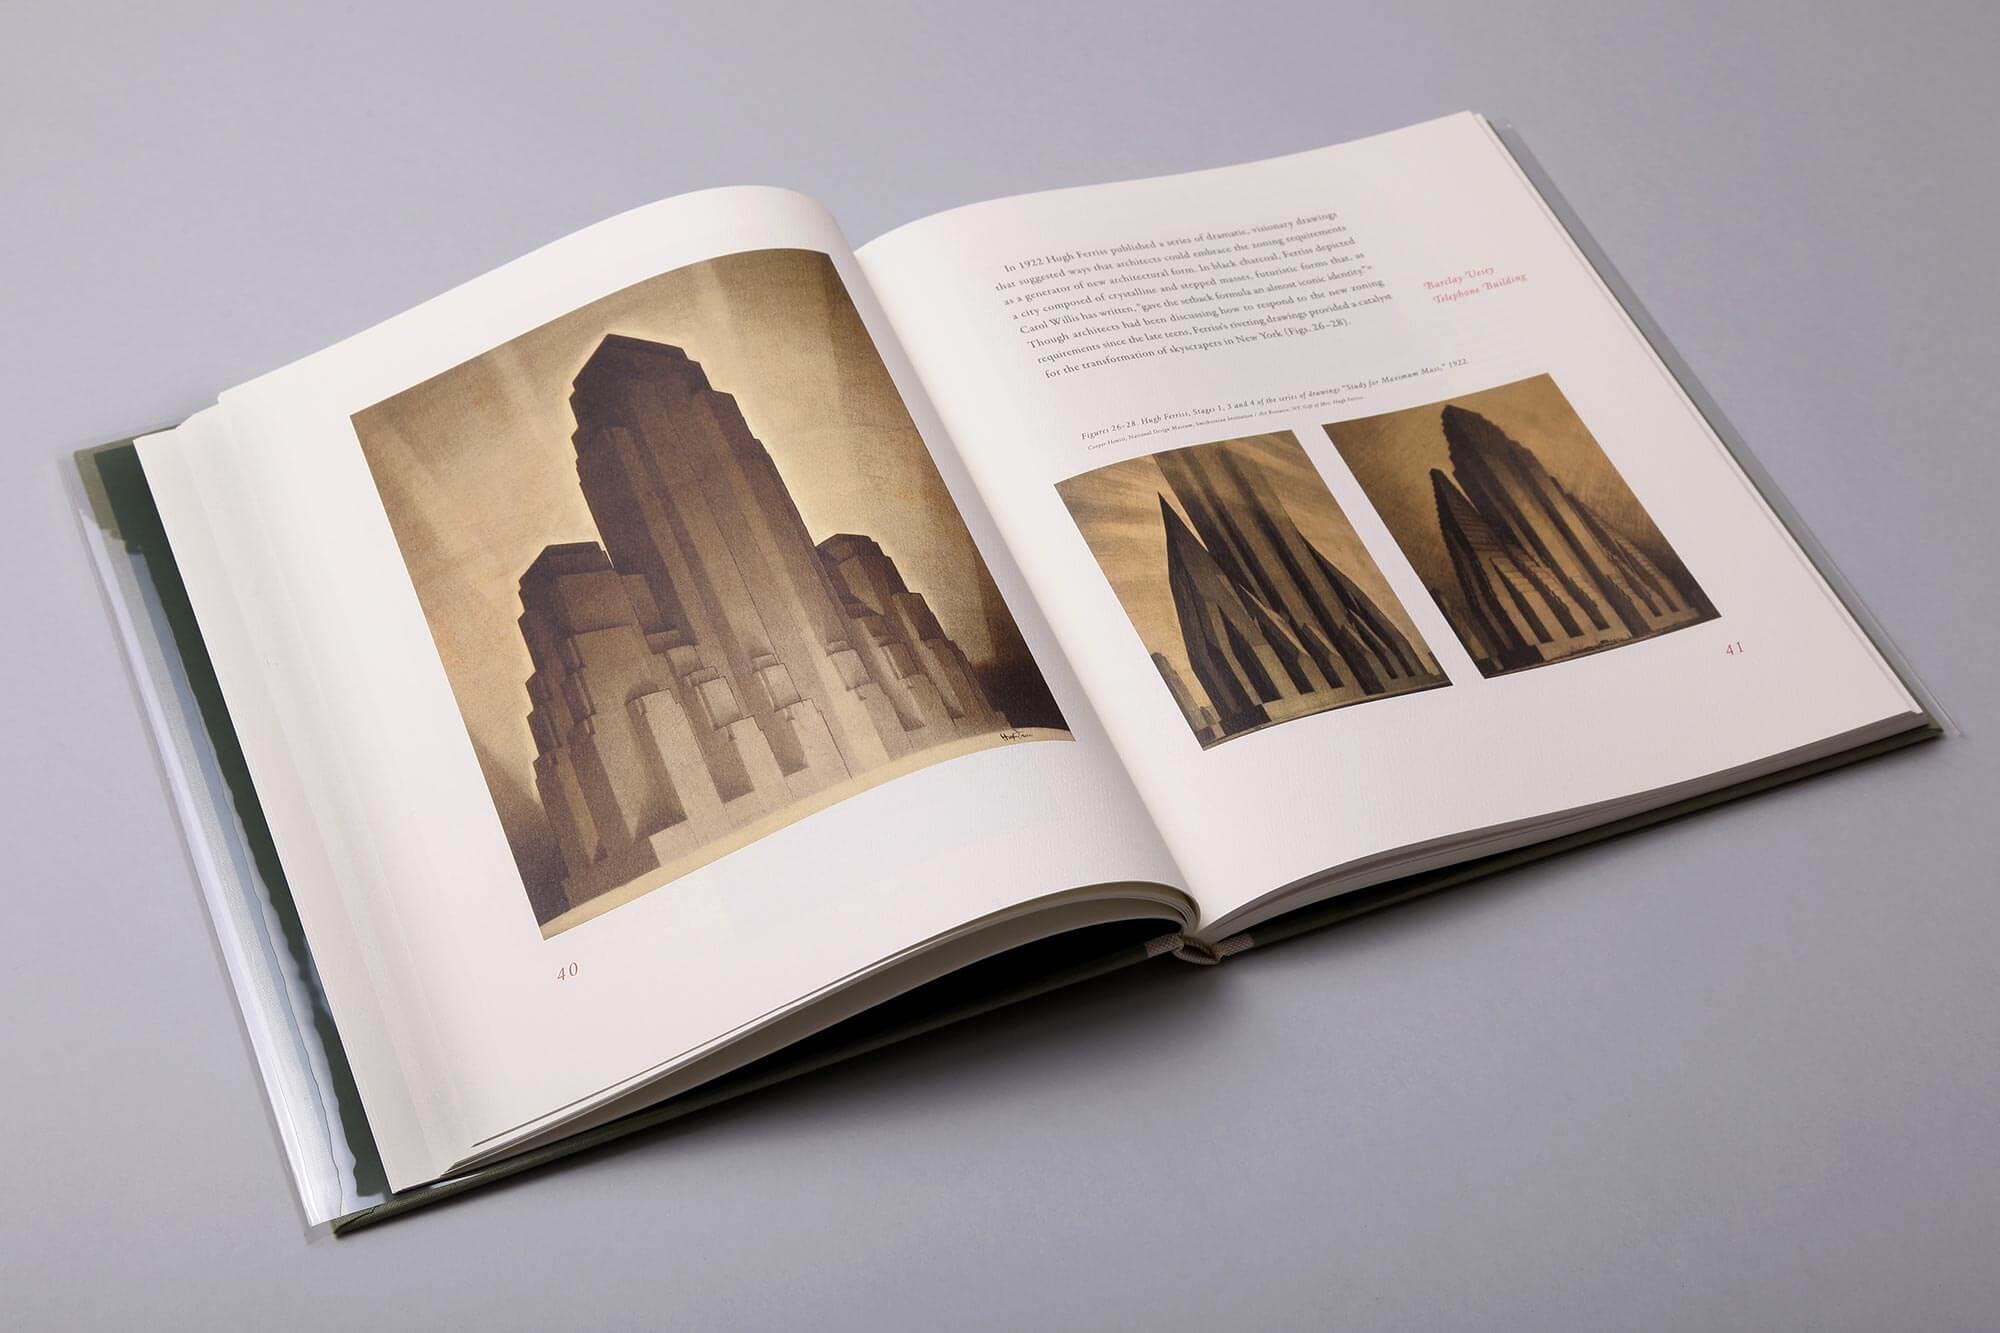 walker-tower-book-2000x1333-1